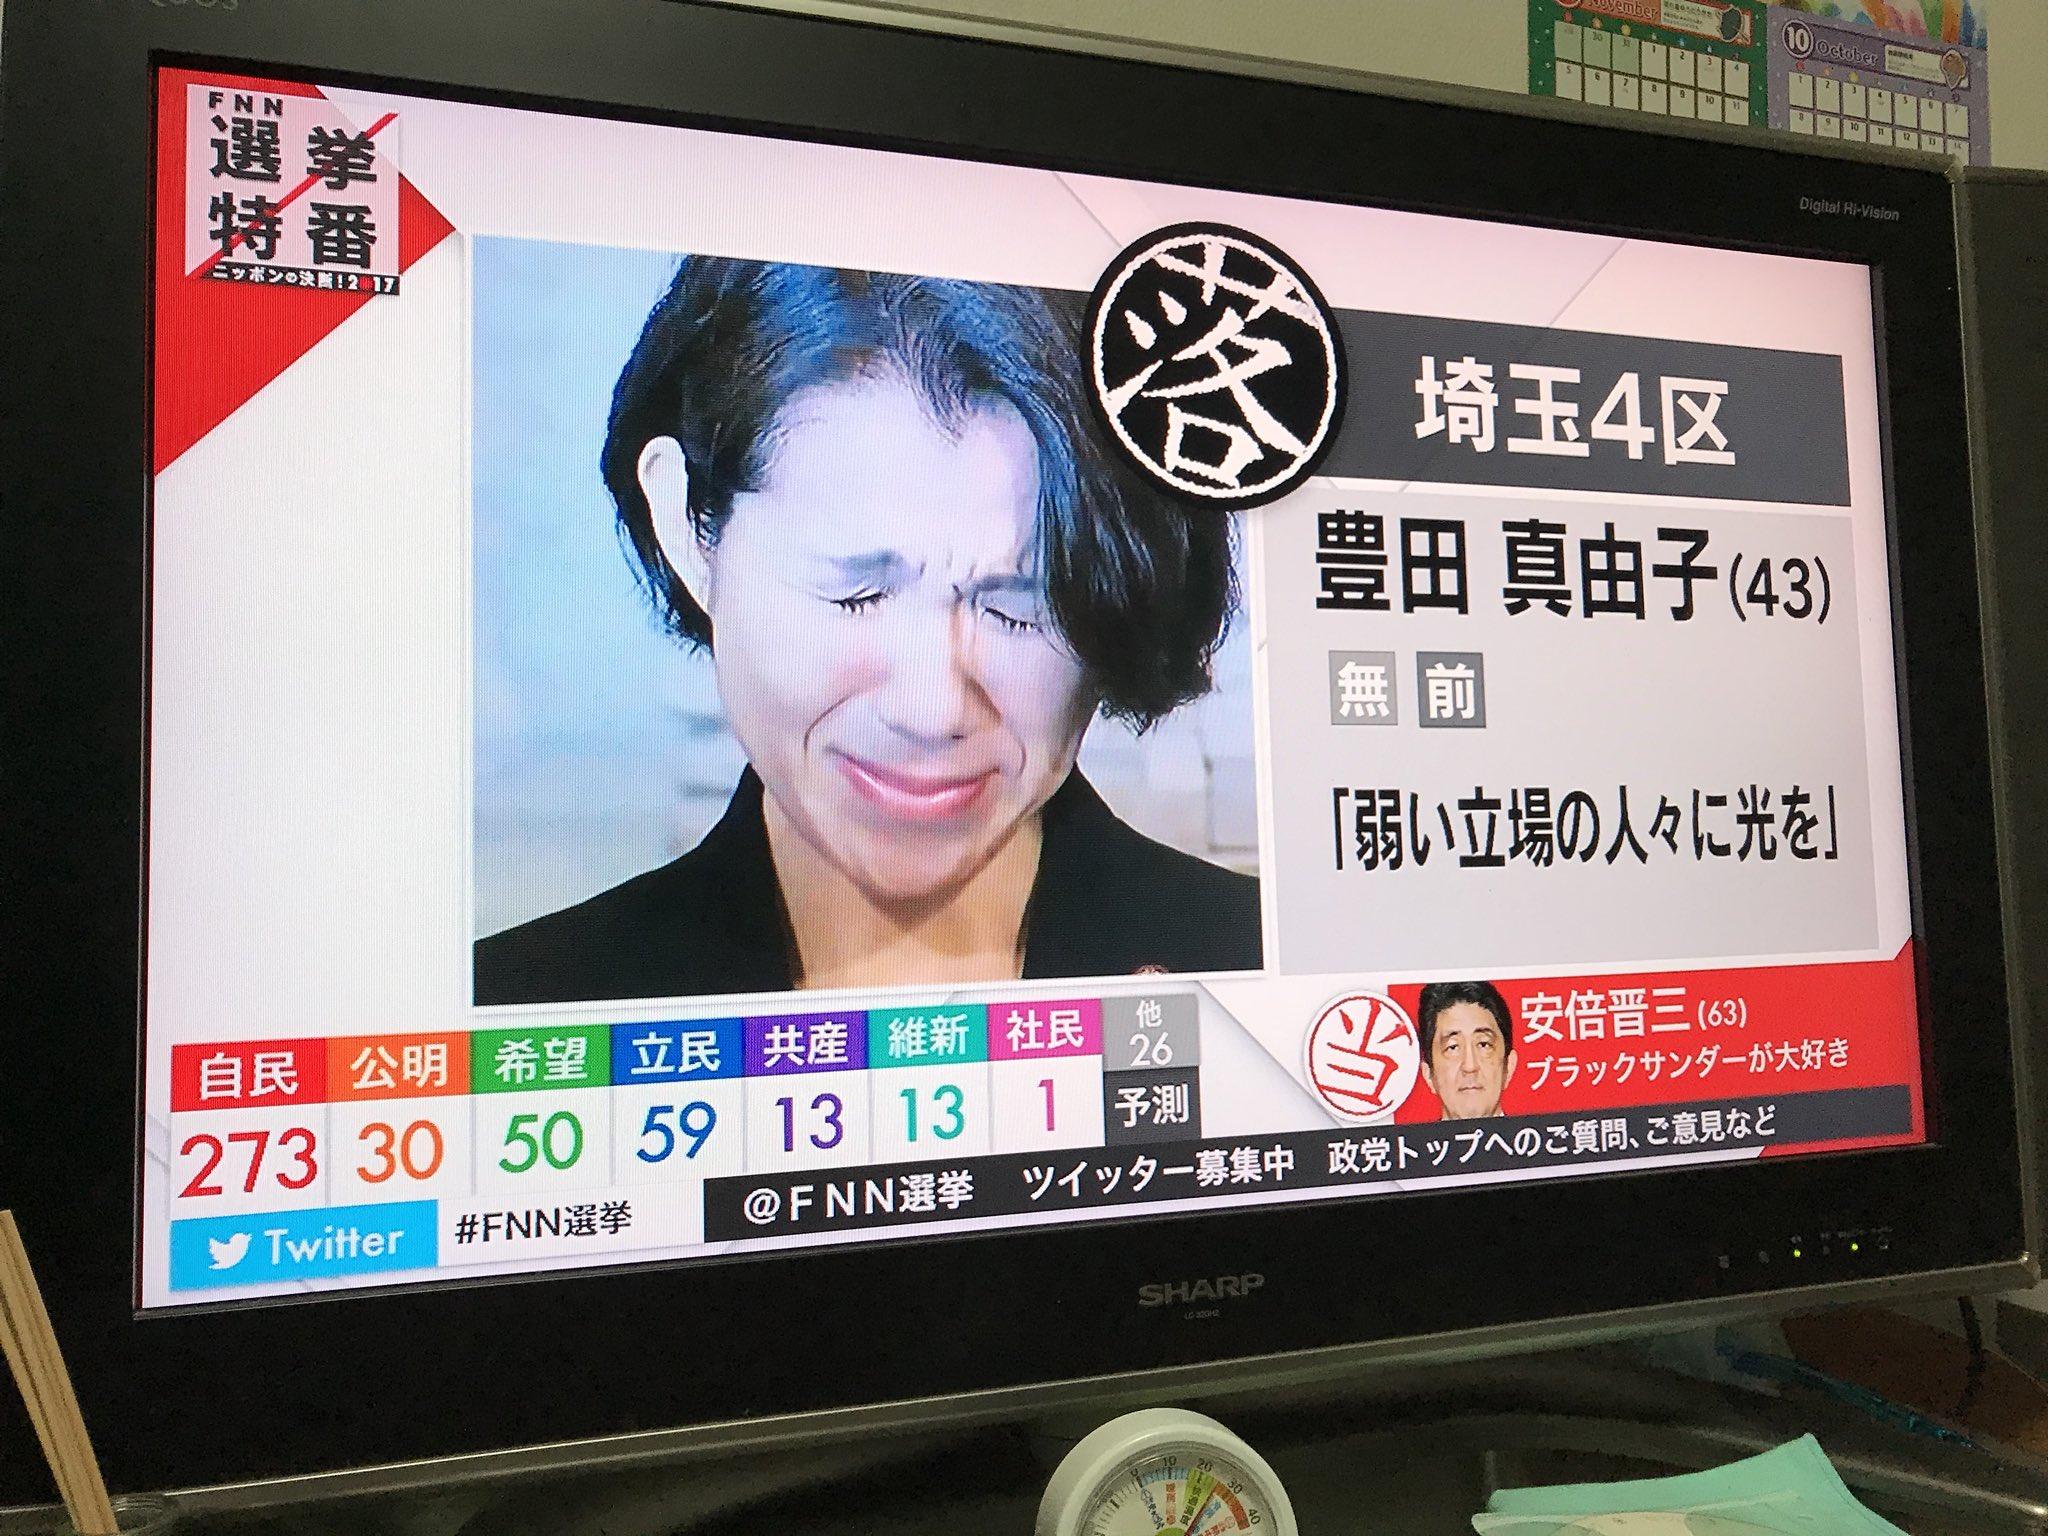 【悲報】「ハゲー!」の豊田真由子氏は落選確実・・・のサムネイル画像